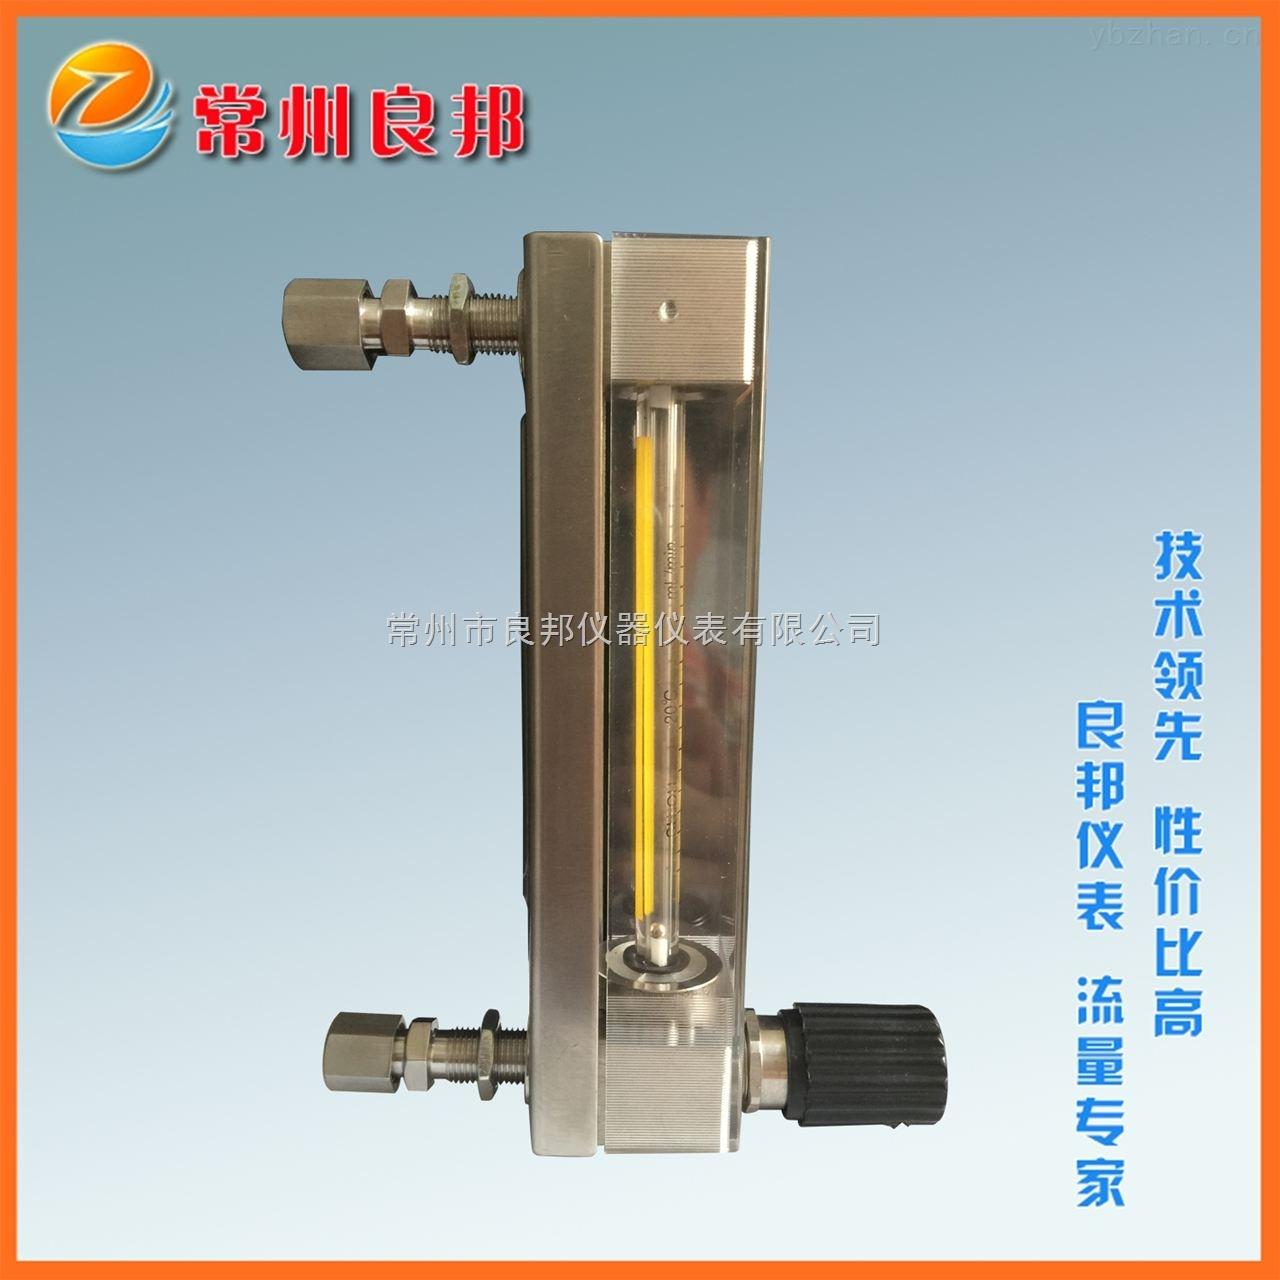 DK800-6F-甲醇玻璃轉子流量計常州廠家現貨批發 熱處理電爐配套G1/4內絲接頭